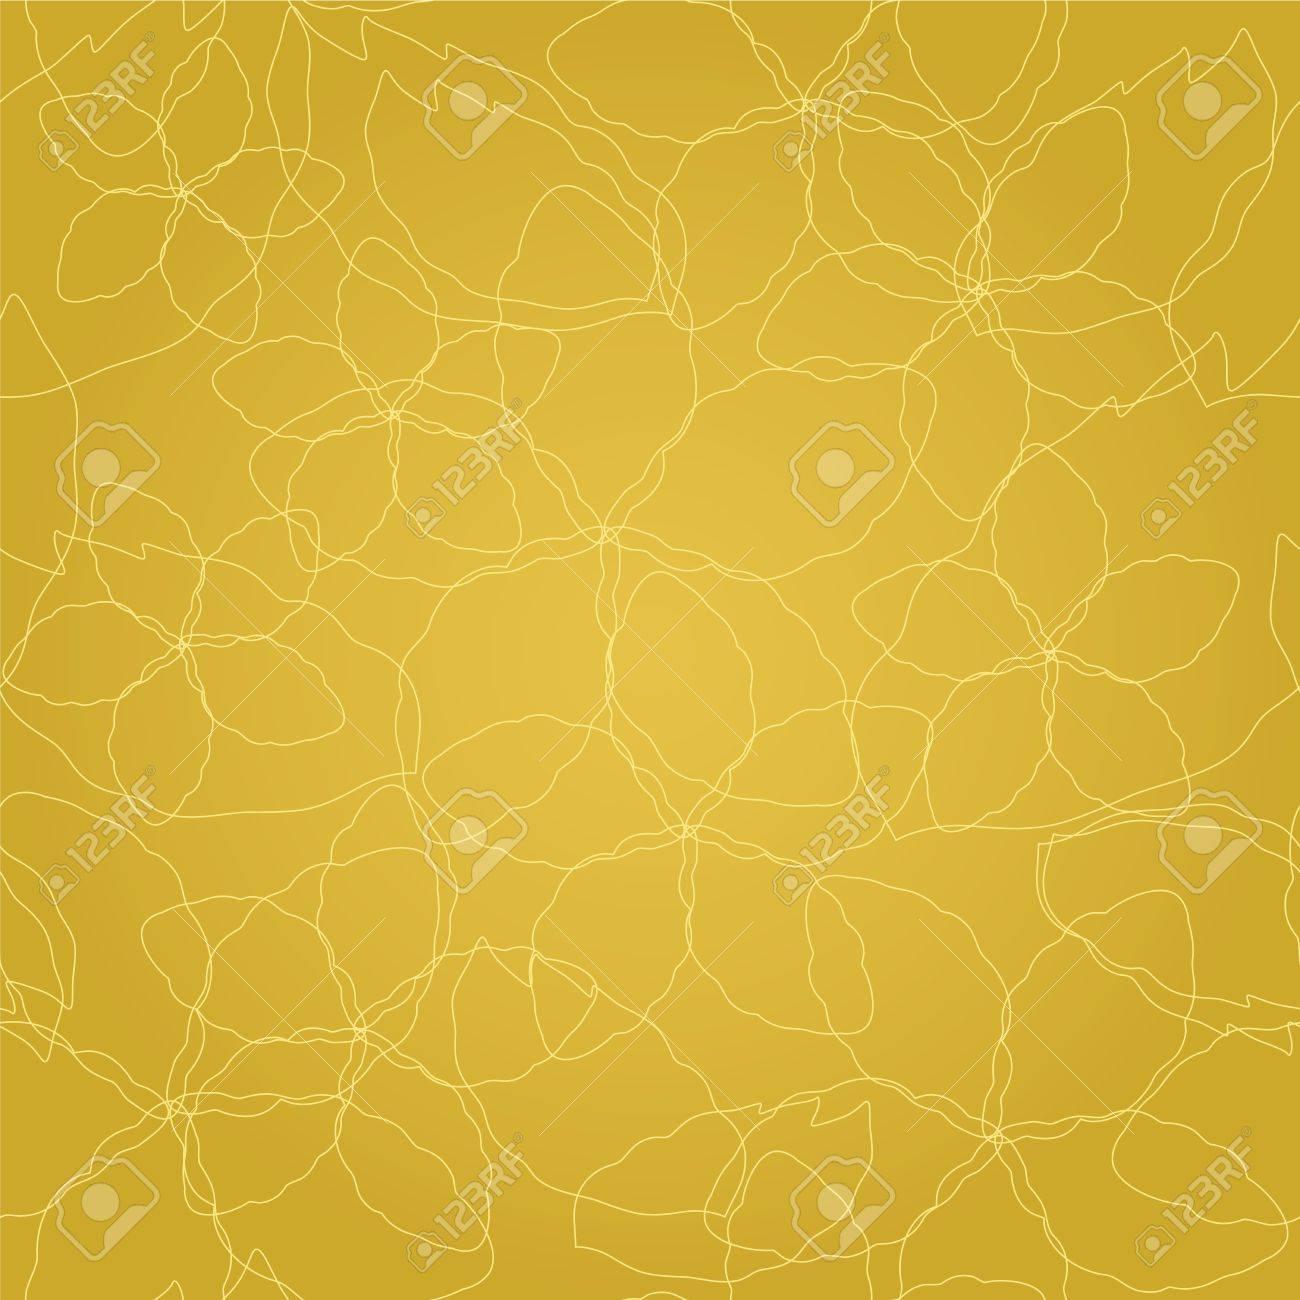 3cc5308de76d Foto de archivo - Seamless floral finas líneas de oro sobre fondo de  pantalla patrón oro